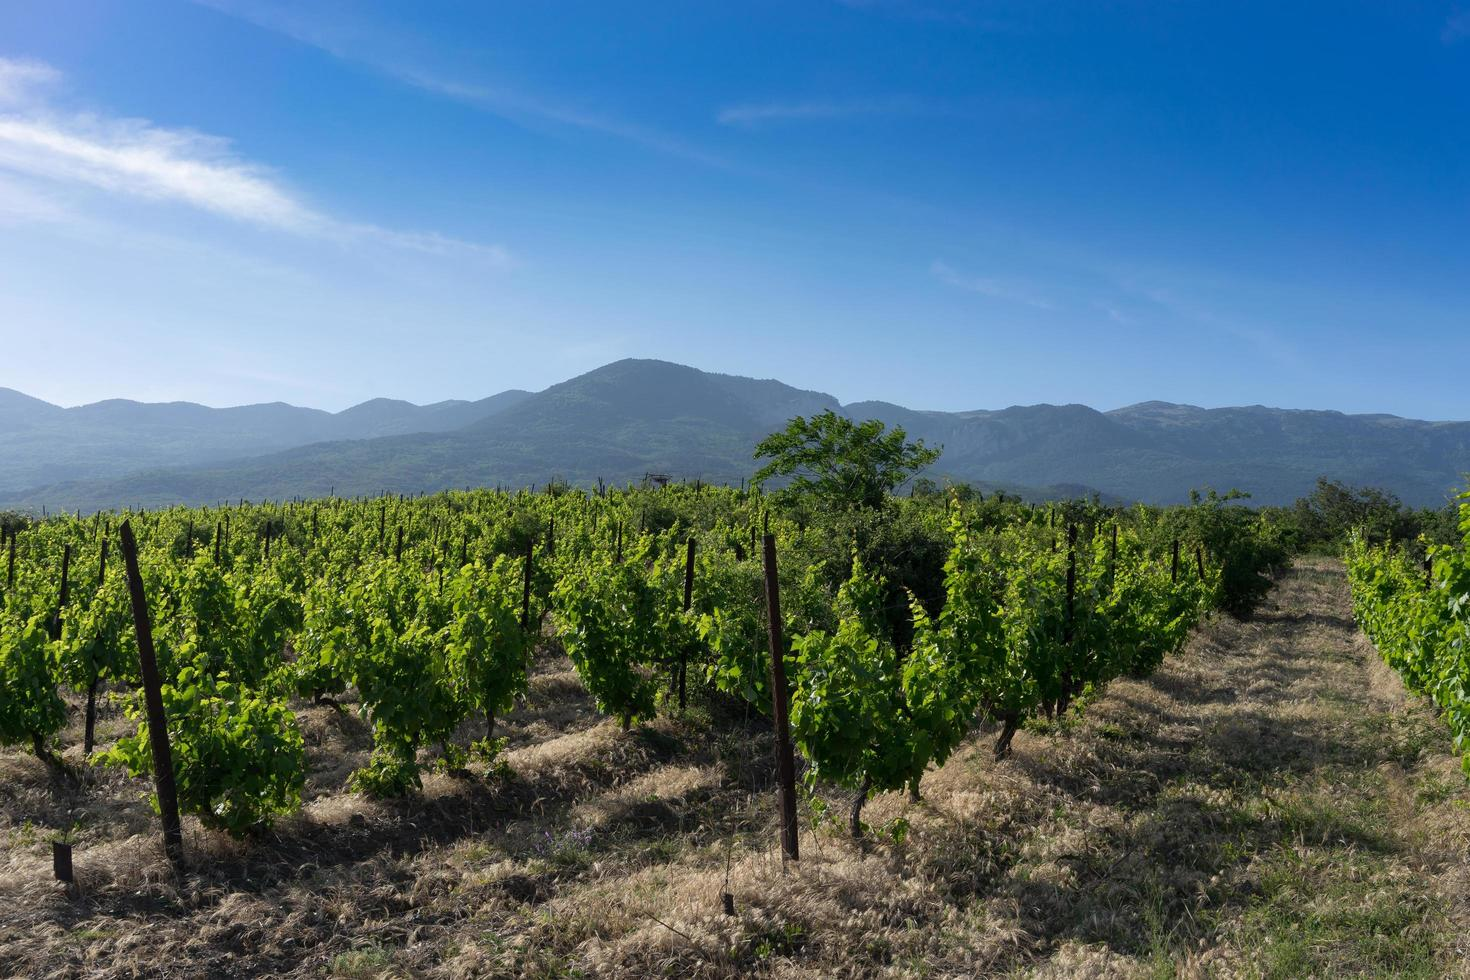 naturlandskap med gröna vingårdar mot en blå himmel. foto